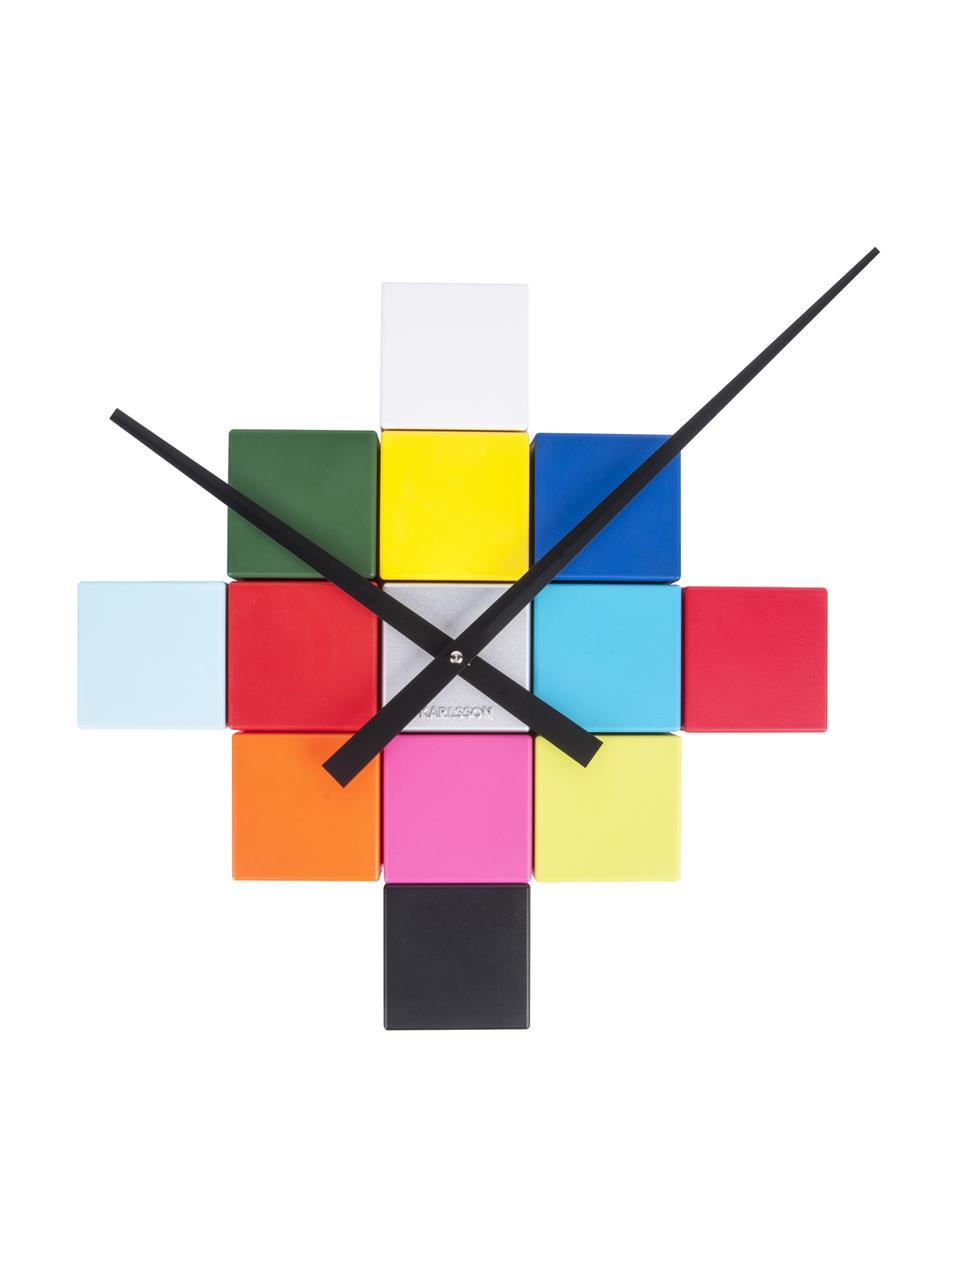 Orologio da parete fai-da-te Cubic, Materiale sintetico, Multicolore, Larg. 6 x Alt. 6 cm